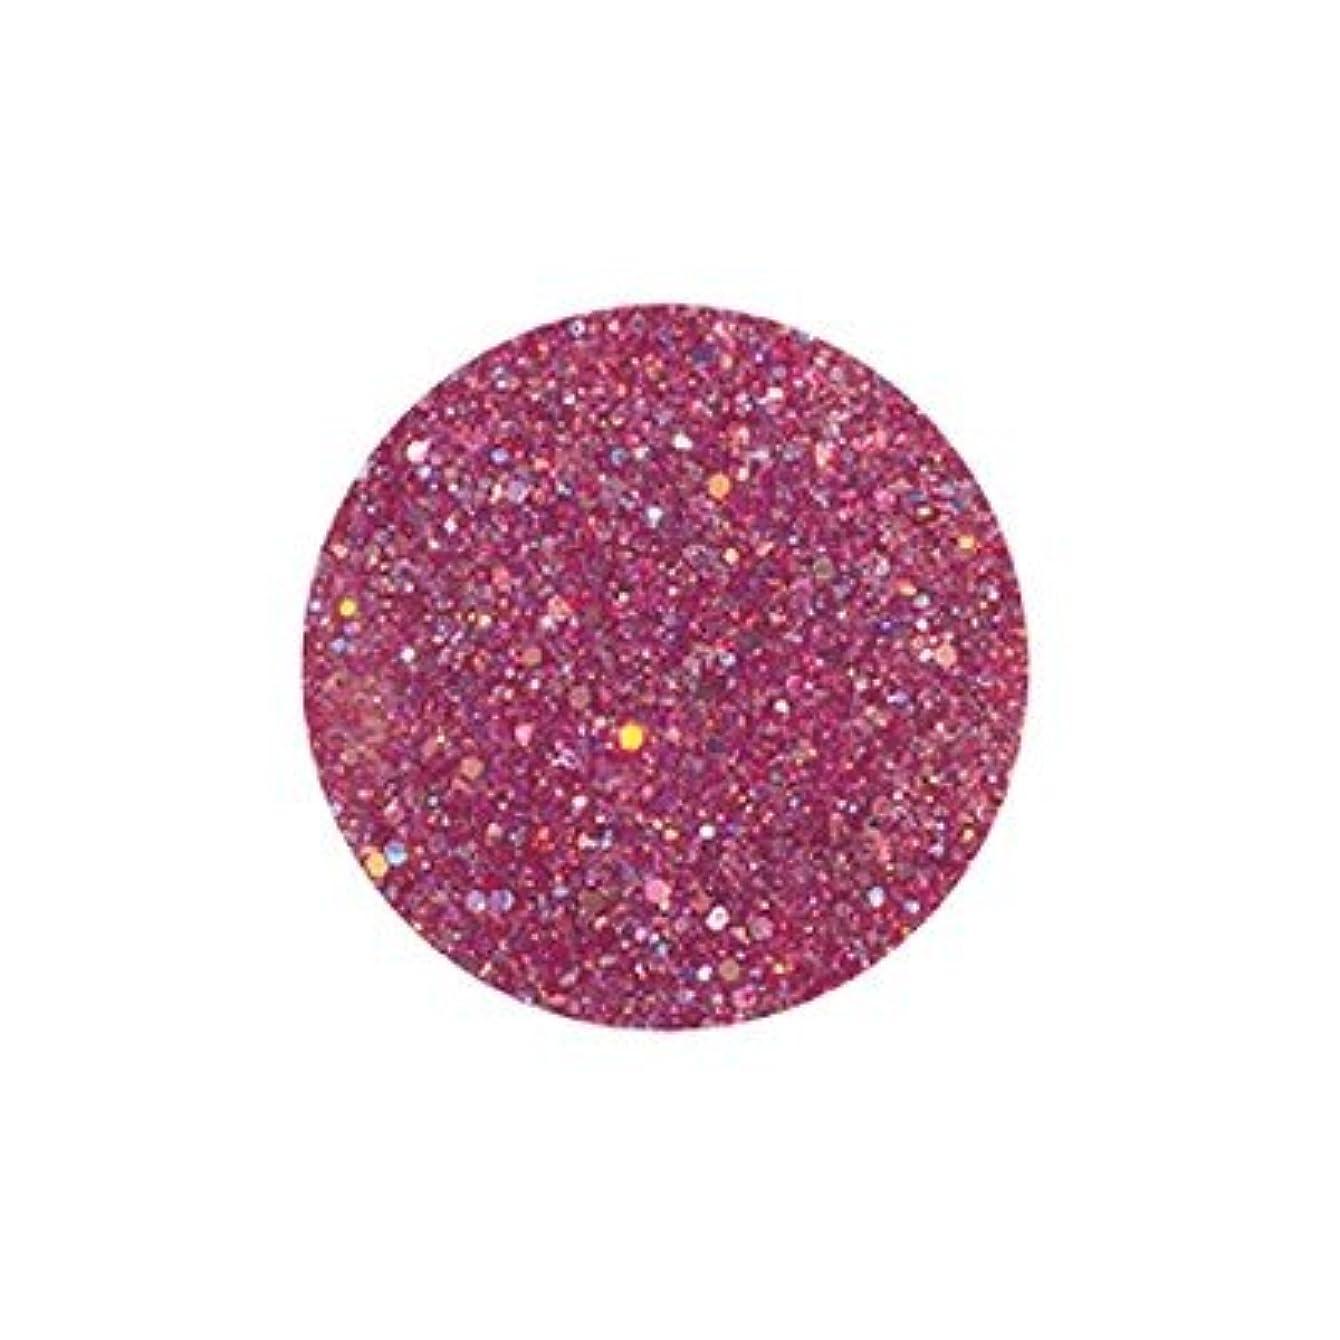 能力隠す復活させるFANTASY NAIL ダイヤモンドコレクション 3g 4259XS カラーパウダー アート材